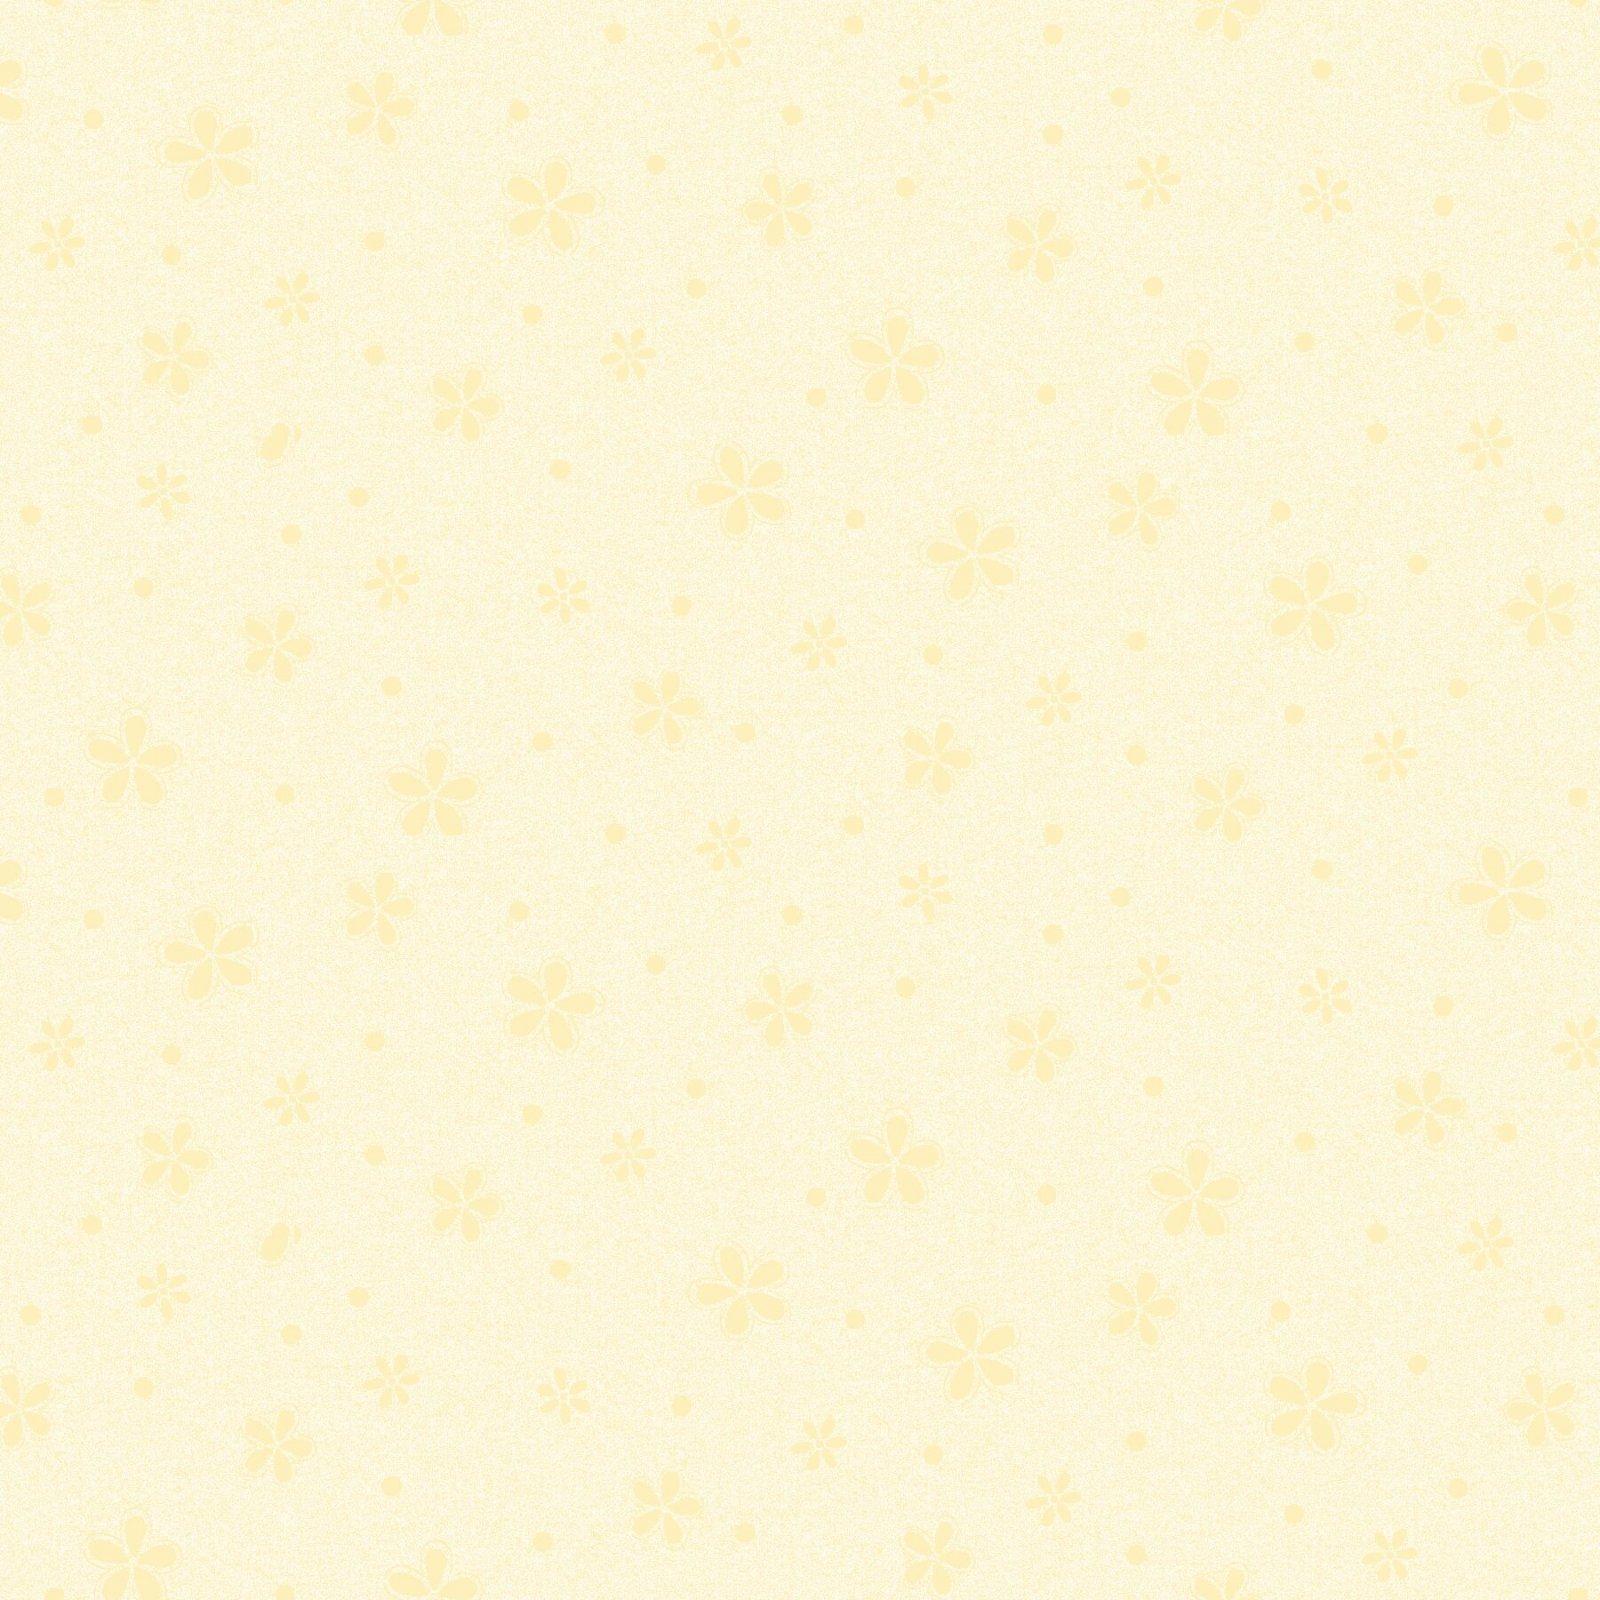 Cream - Gail's Flower Basic